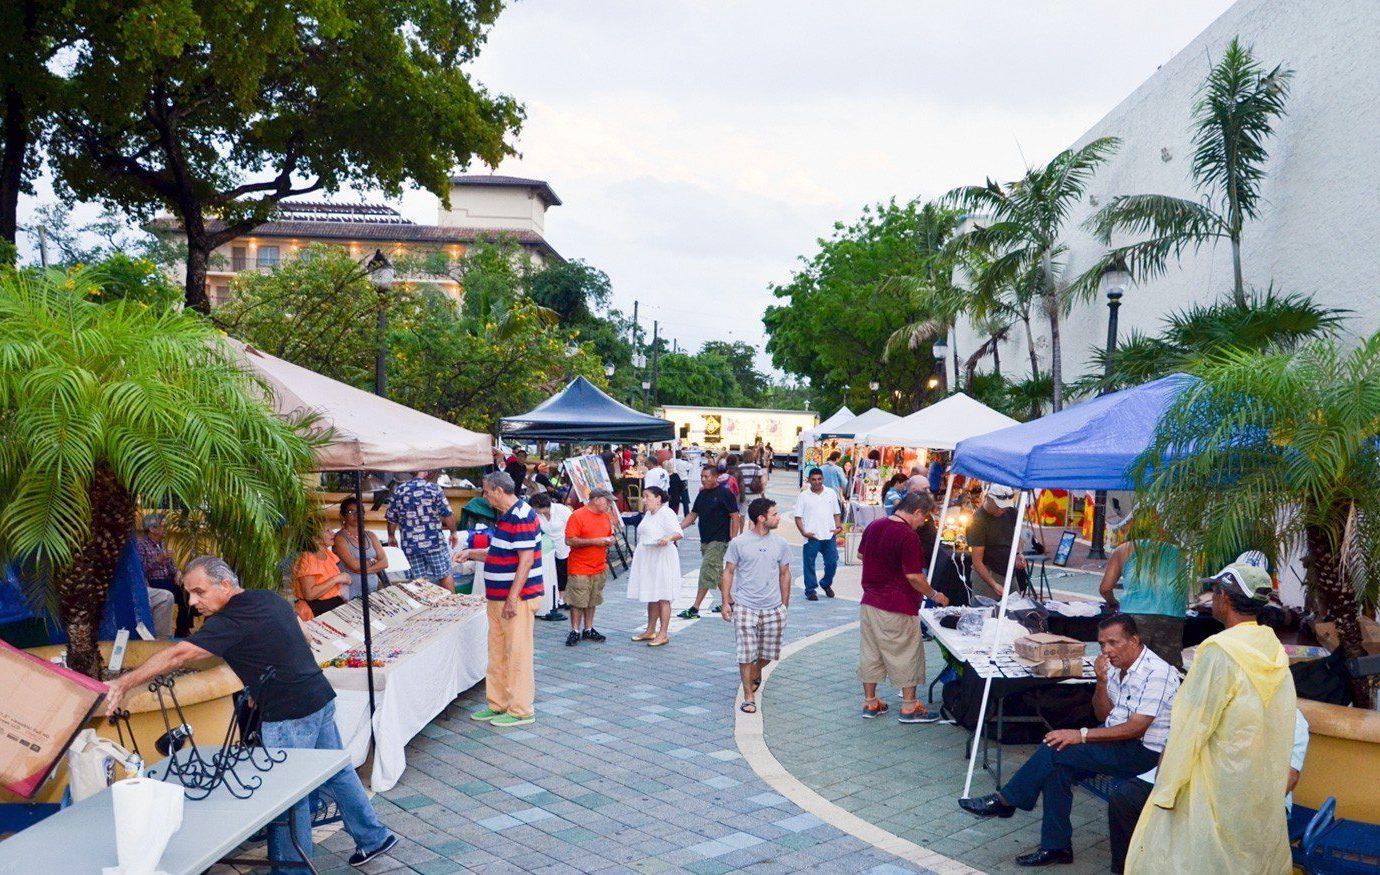 Budget tree outdoor sky tourism people walkway Resort market